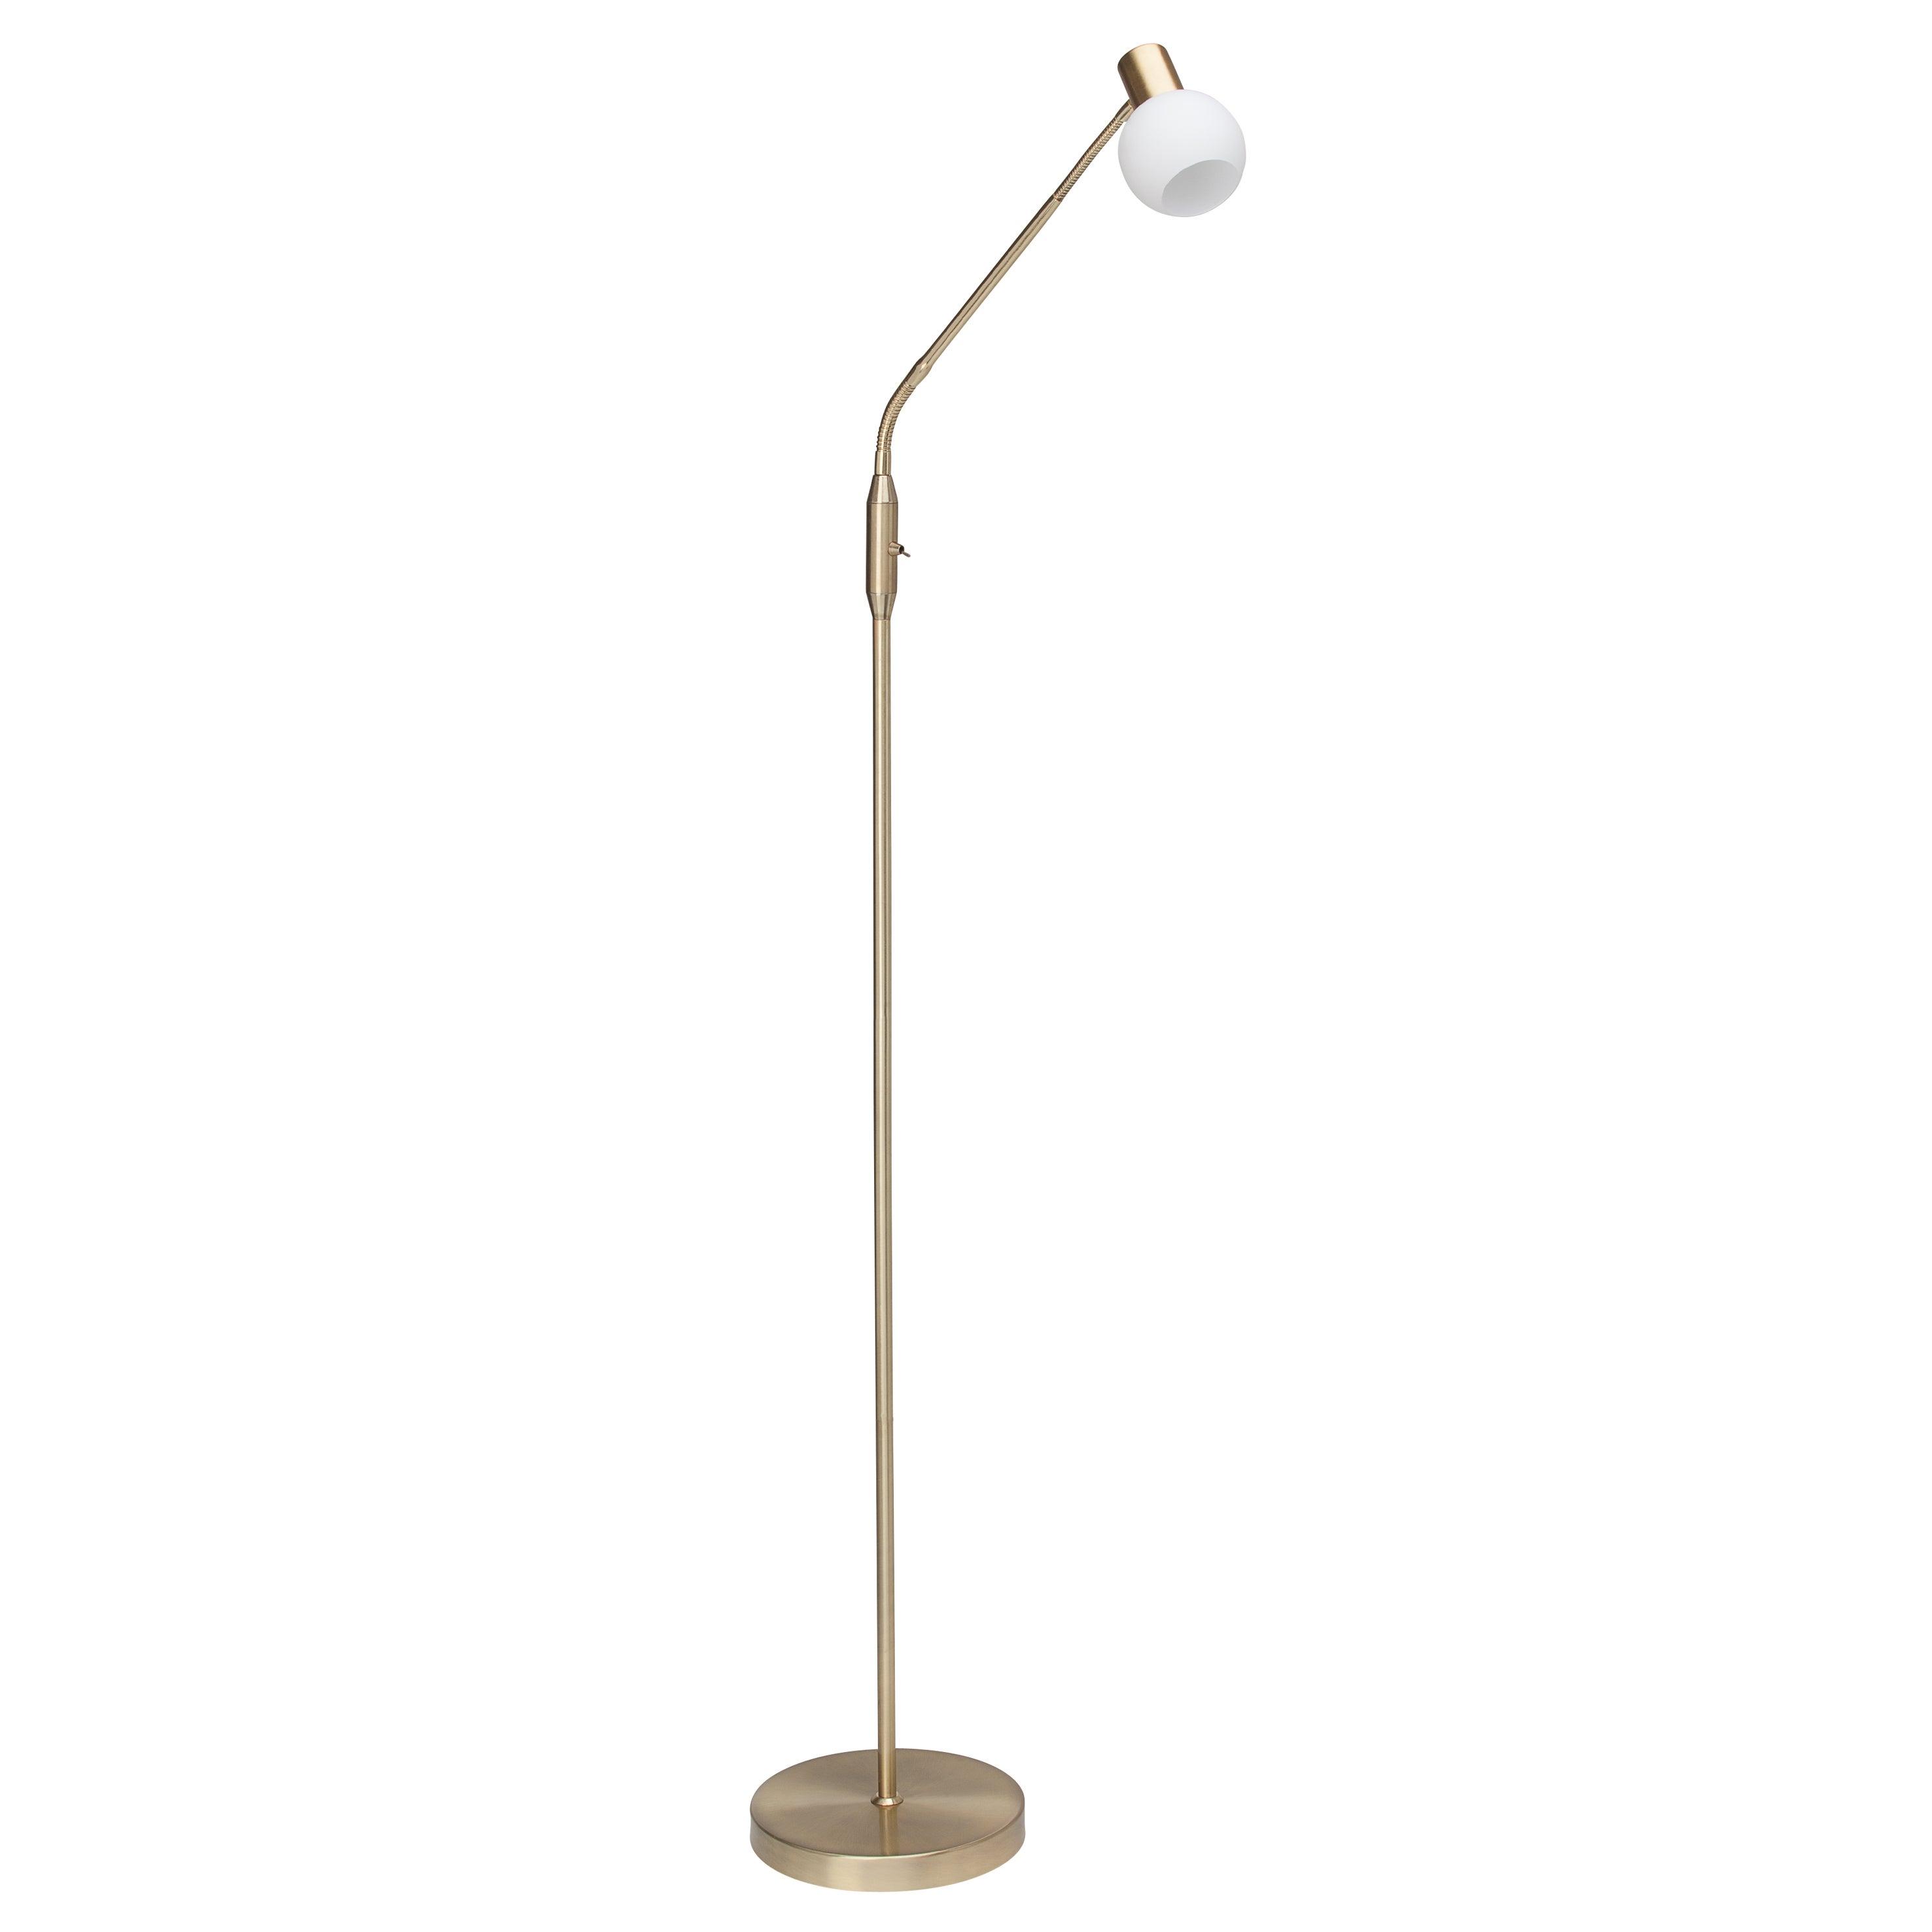 Lampadaire LED articulé, design métal, BRILLIANT PHILO laiton